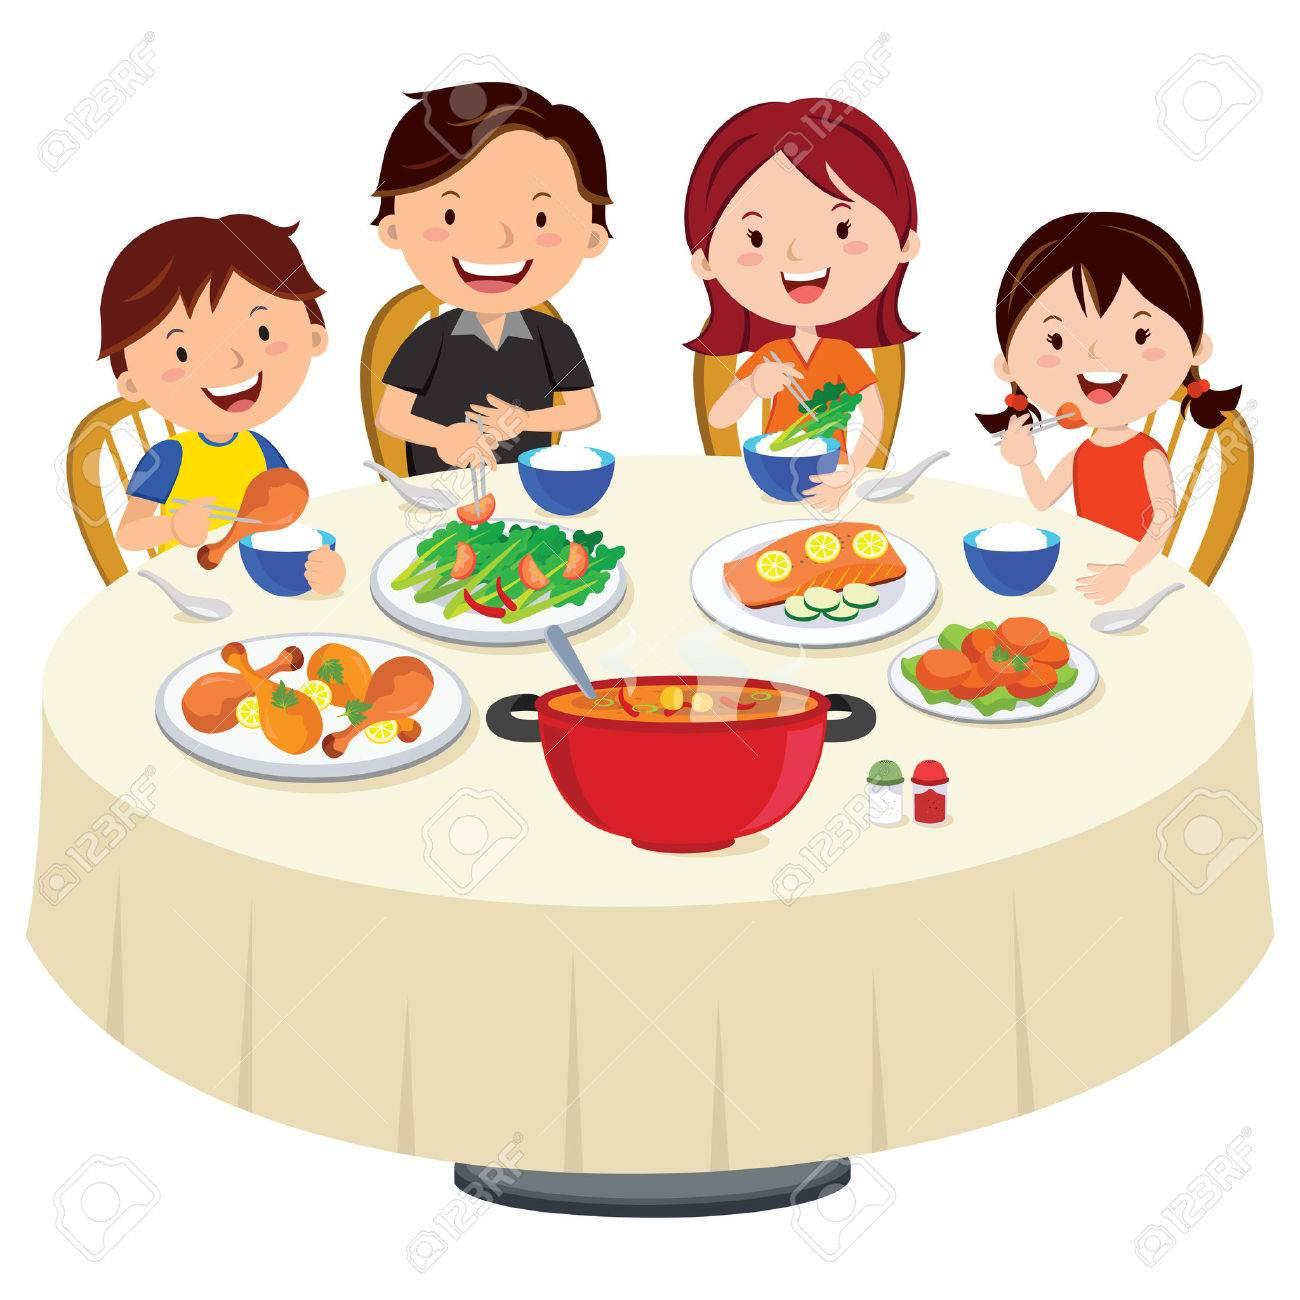 371 Eating Dinner free clipart.